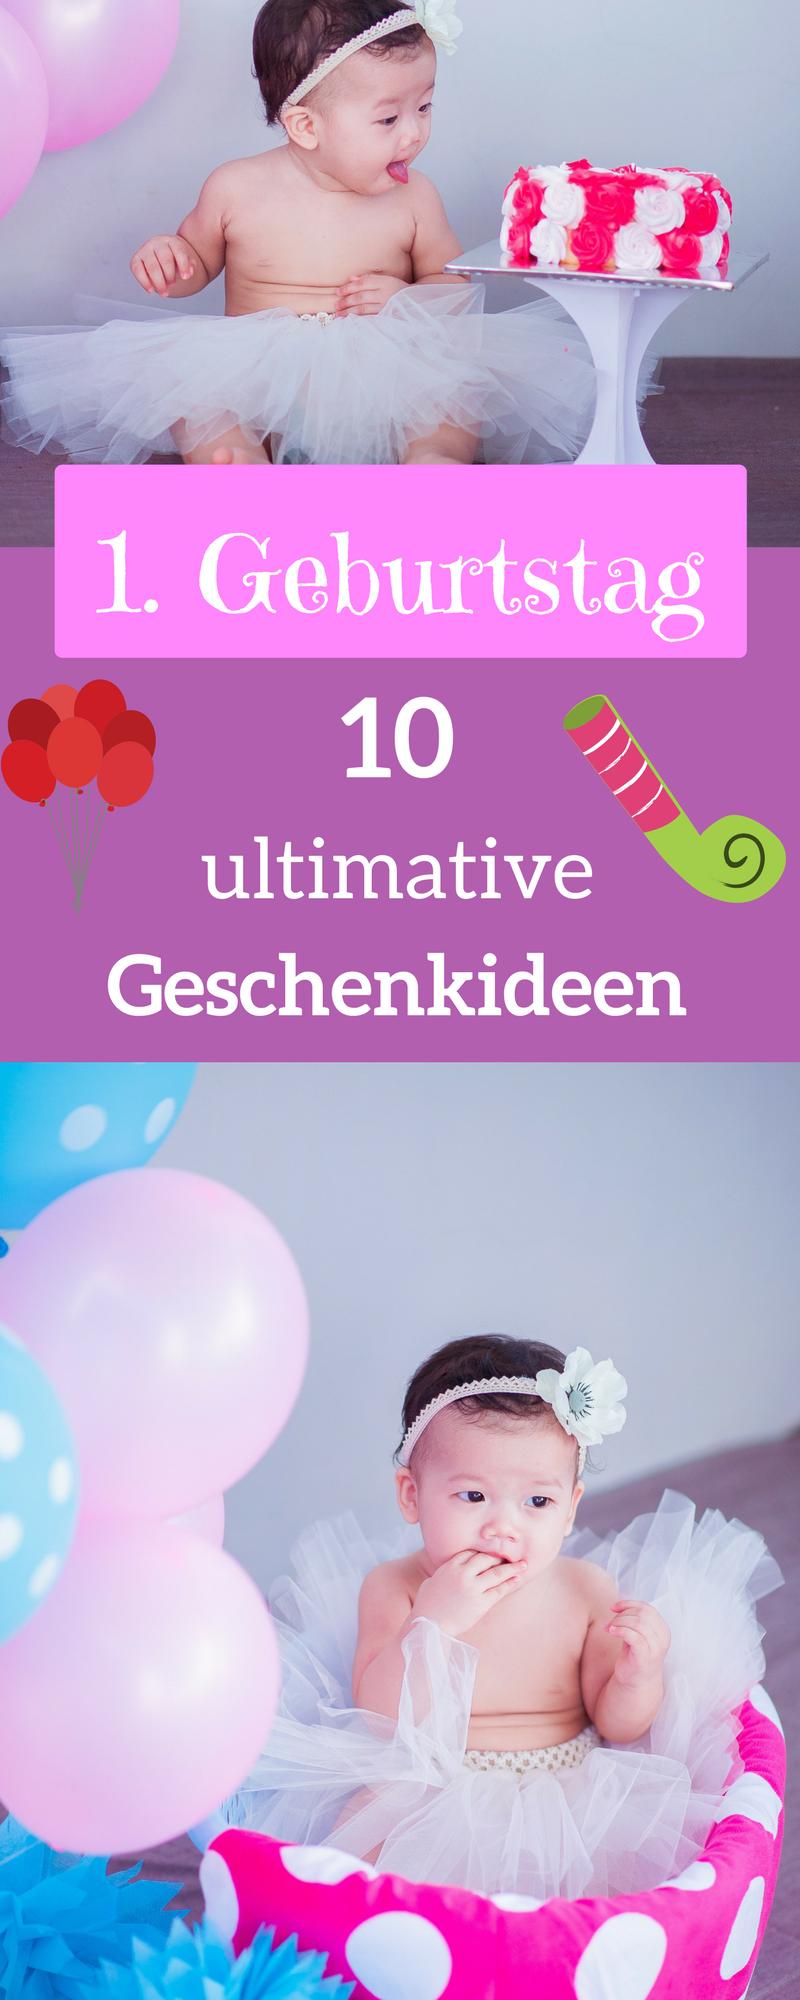 Geschenke Zum Ersten Geburtstag Fur Madchen Und Jungen Mit Bildern Geschenkideen Geburtstag Kinder Geburtstag Fotoshooting Geburtstag Junge